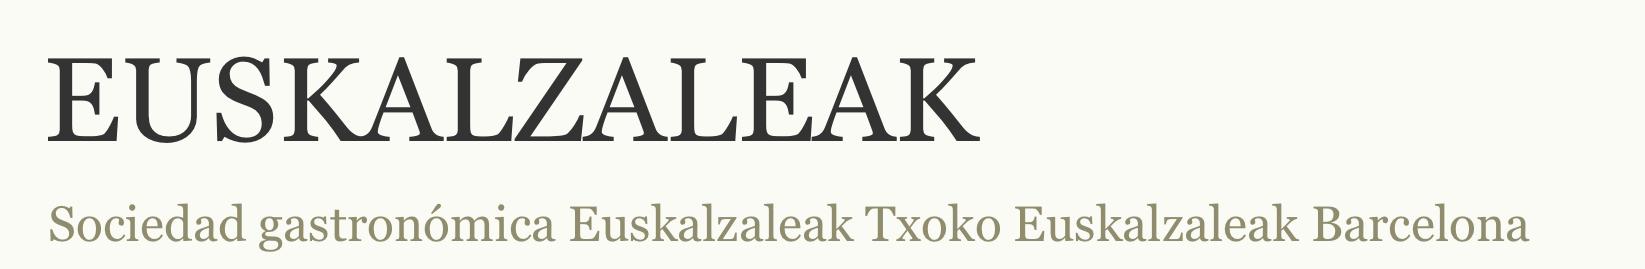 logo Euskalzaleak